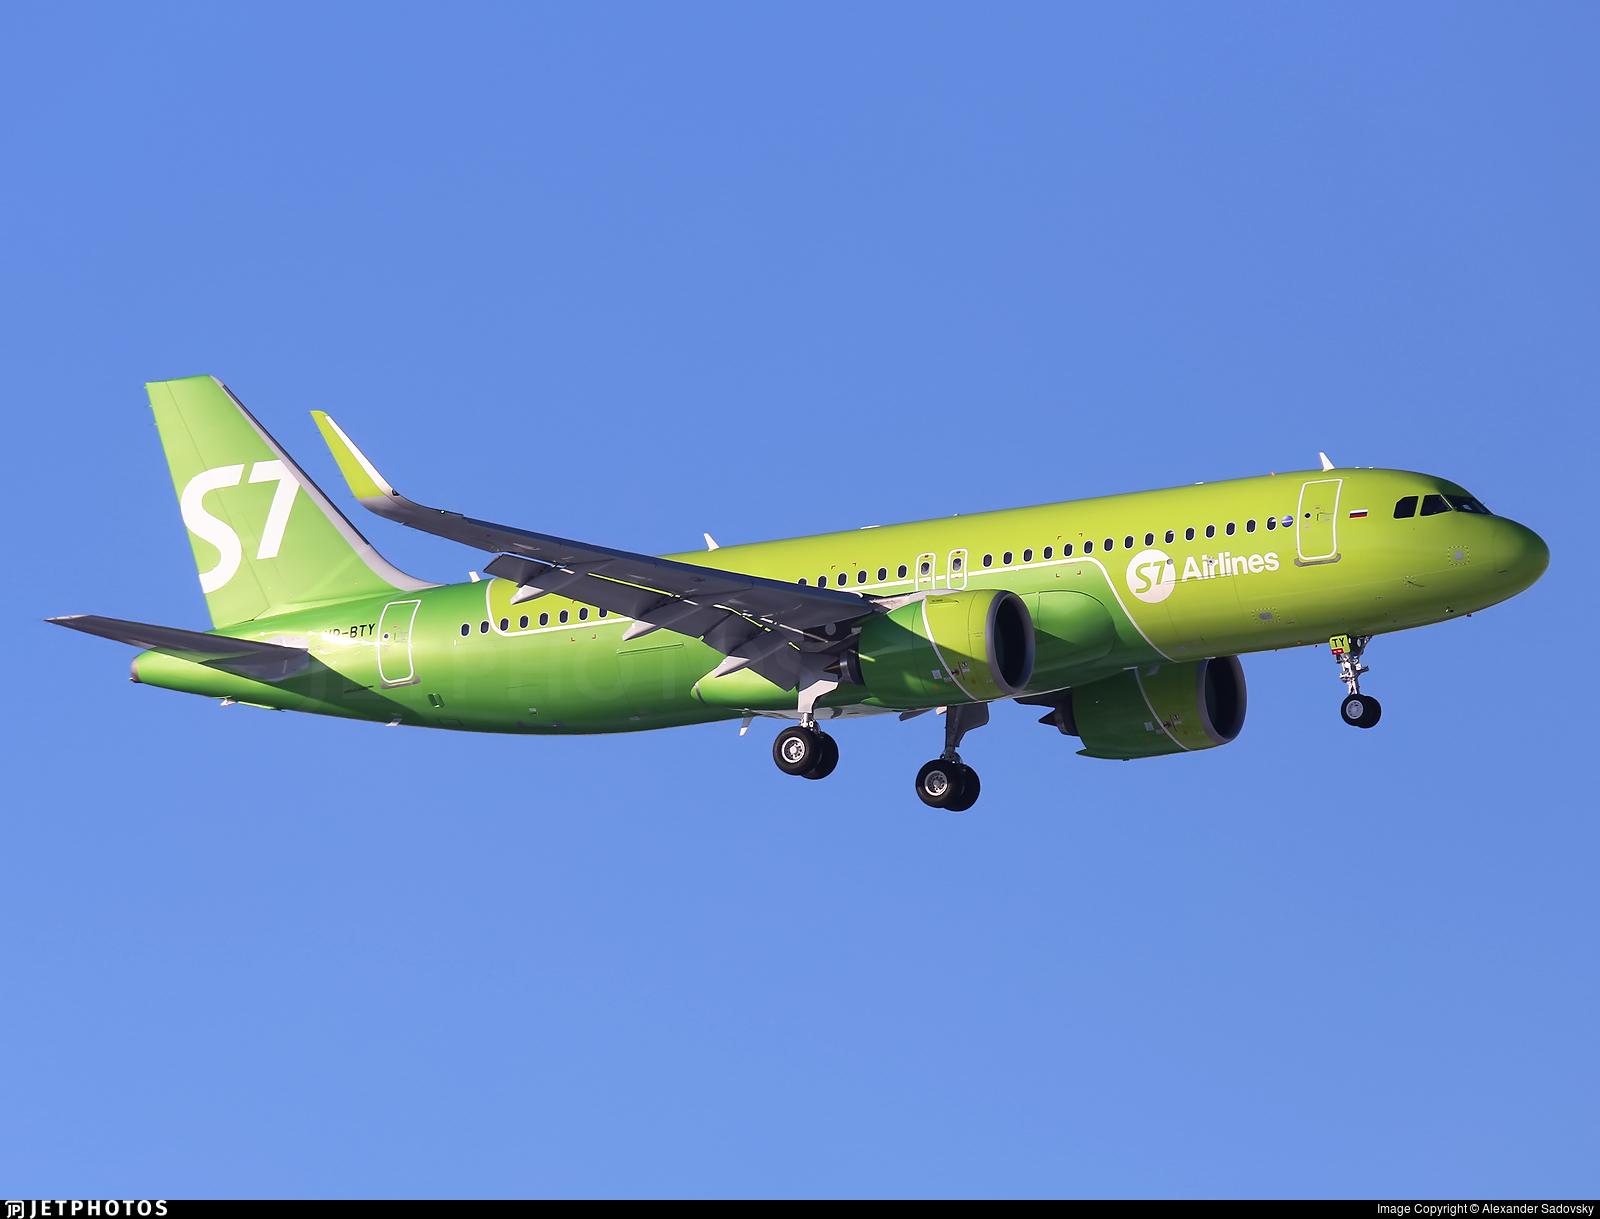 VP-BTY - Airbus A320-271N - S7 Airlines